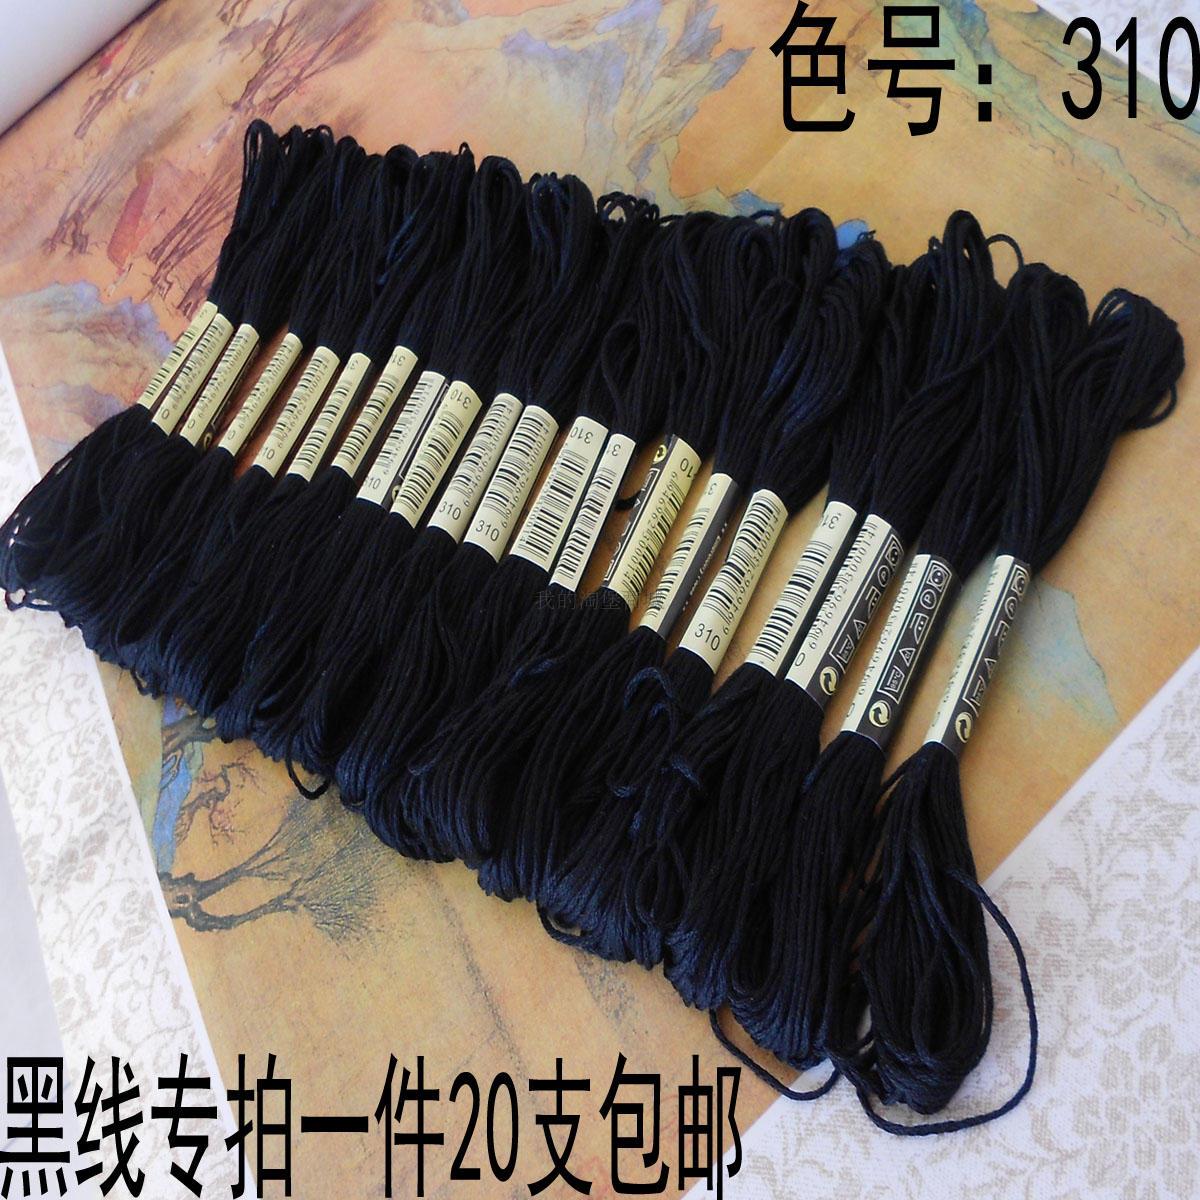 Вышивка крестом черная линия вышитый линия вышивка крестом 310 черная линия электропроводка заполнить линия экологическая хлопчатобумажная пряжа 20 филиал \ часть